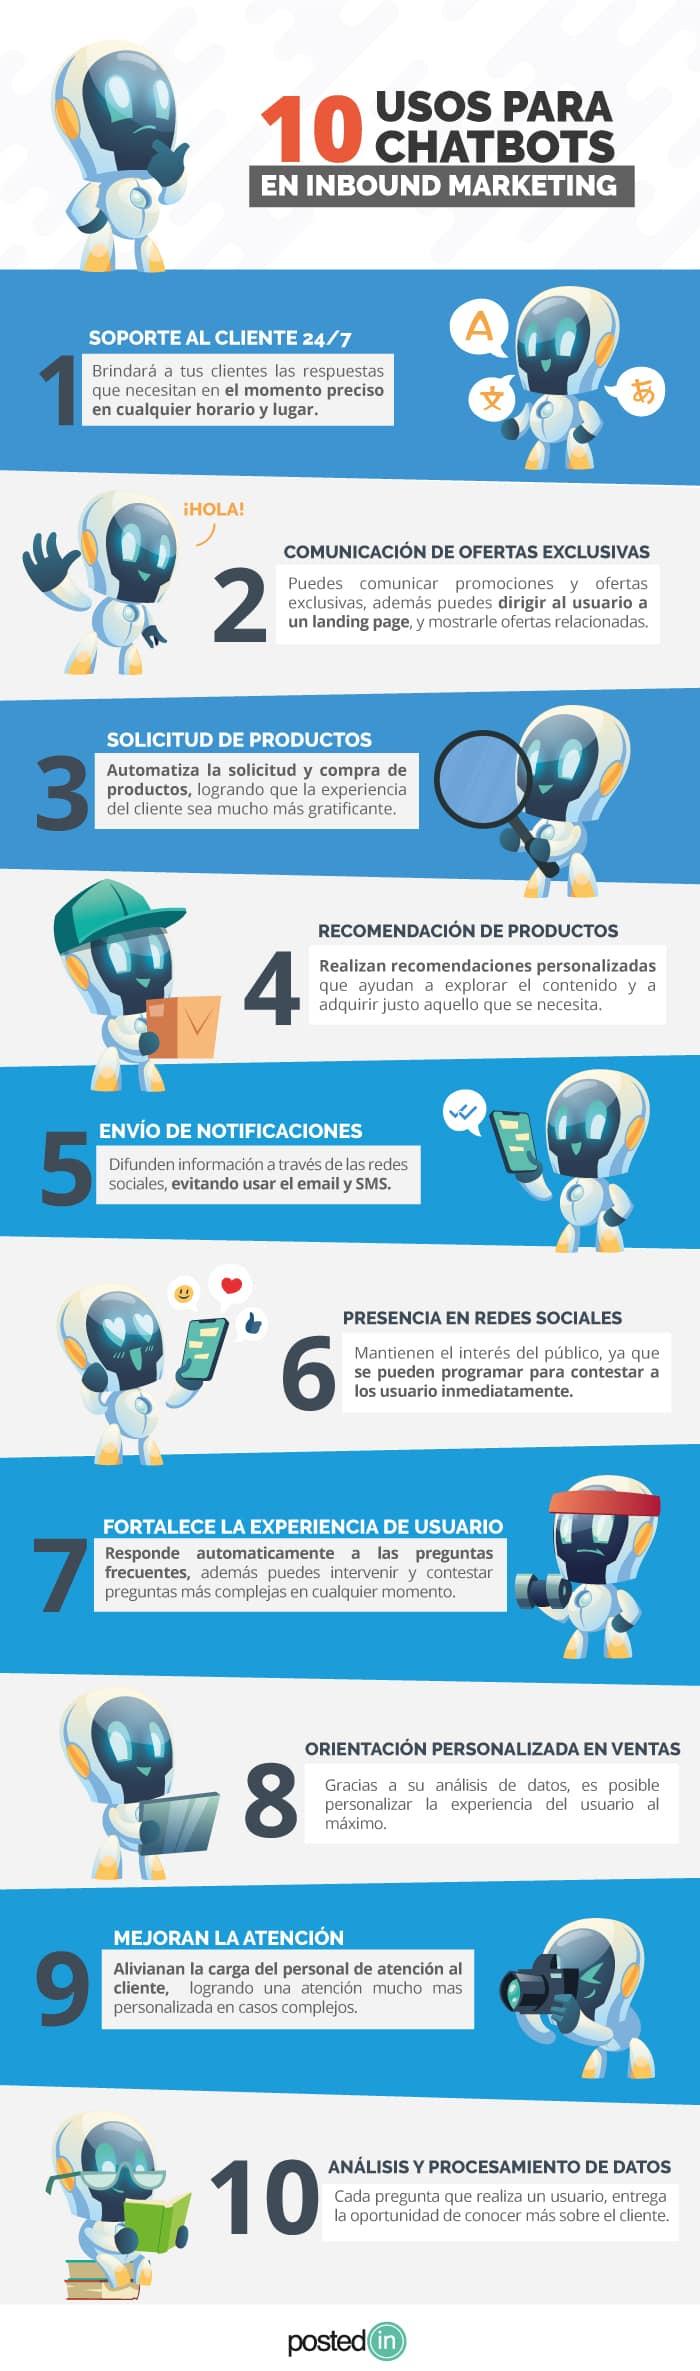 10 usos para Chatbots en Inbound Marketing